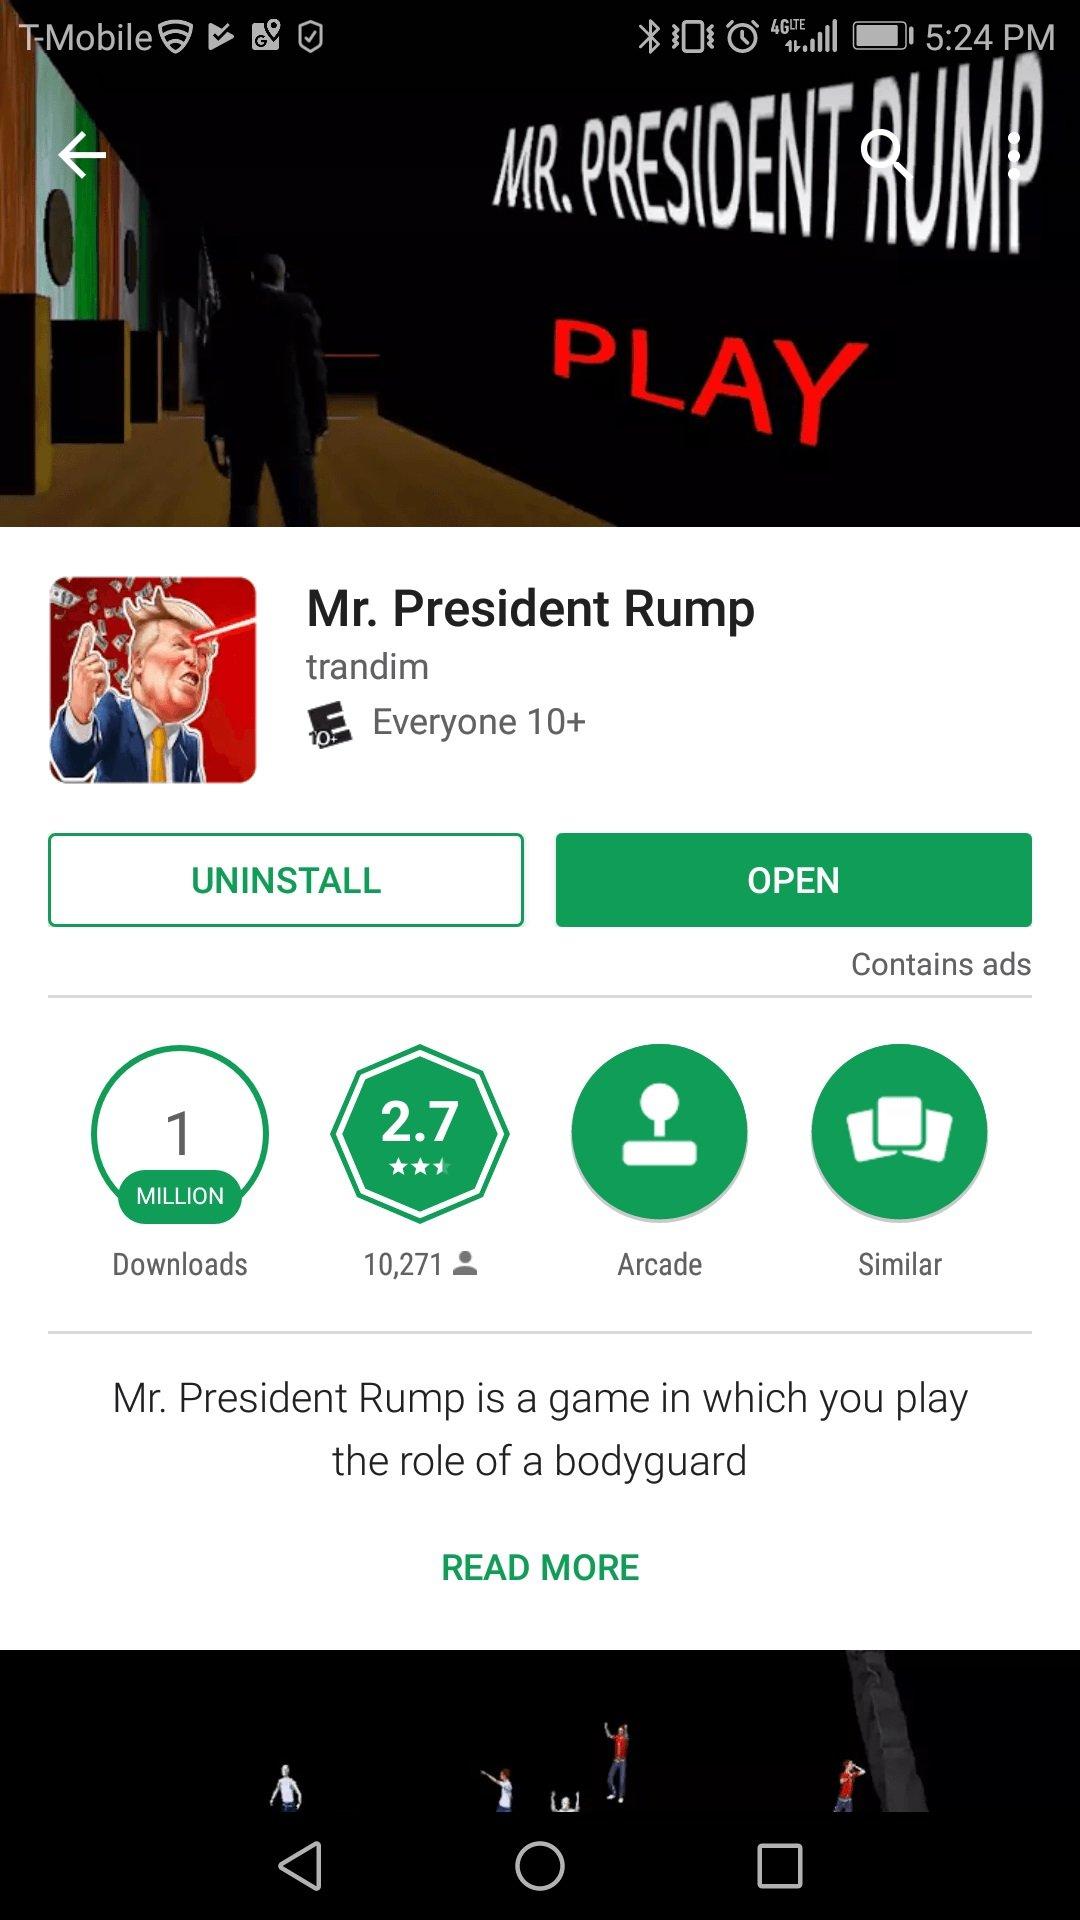 aplicação maliciosa na play store